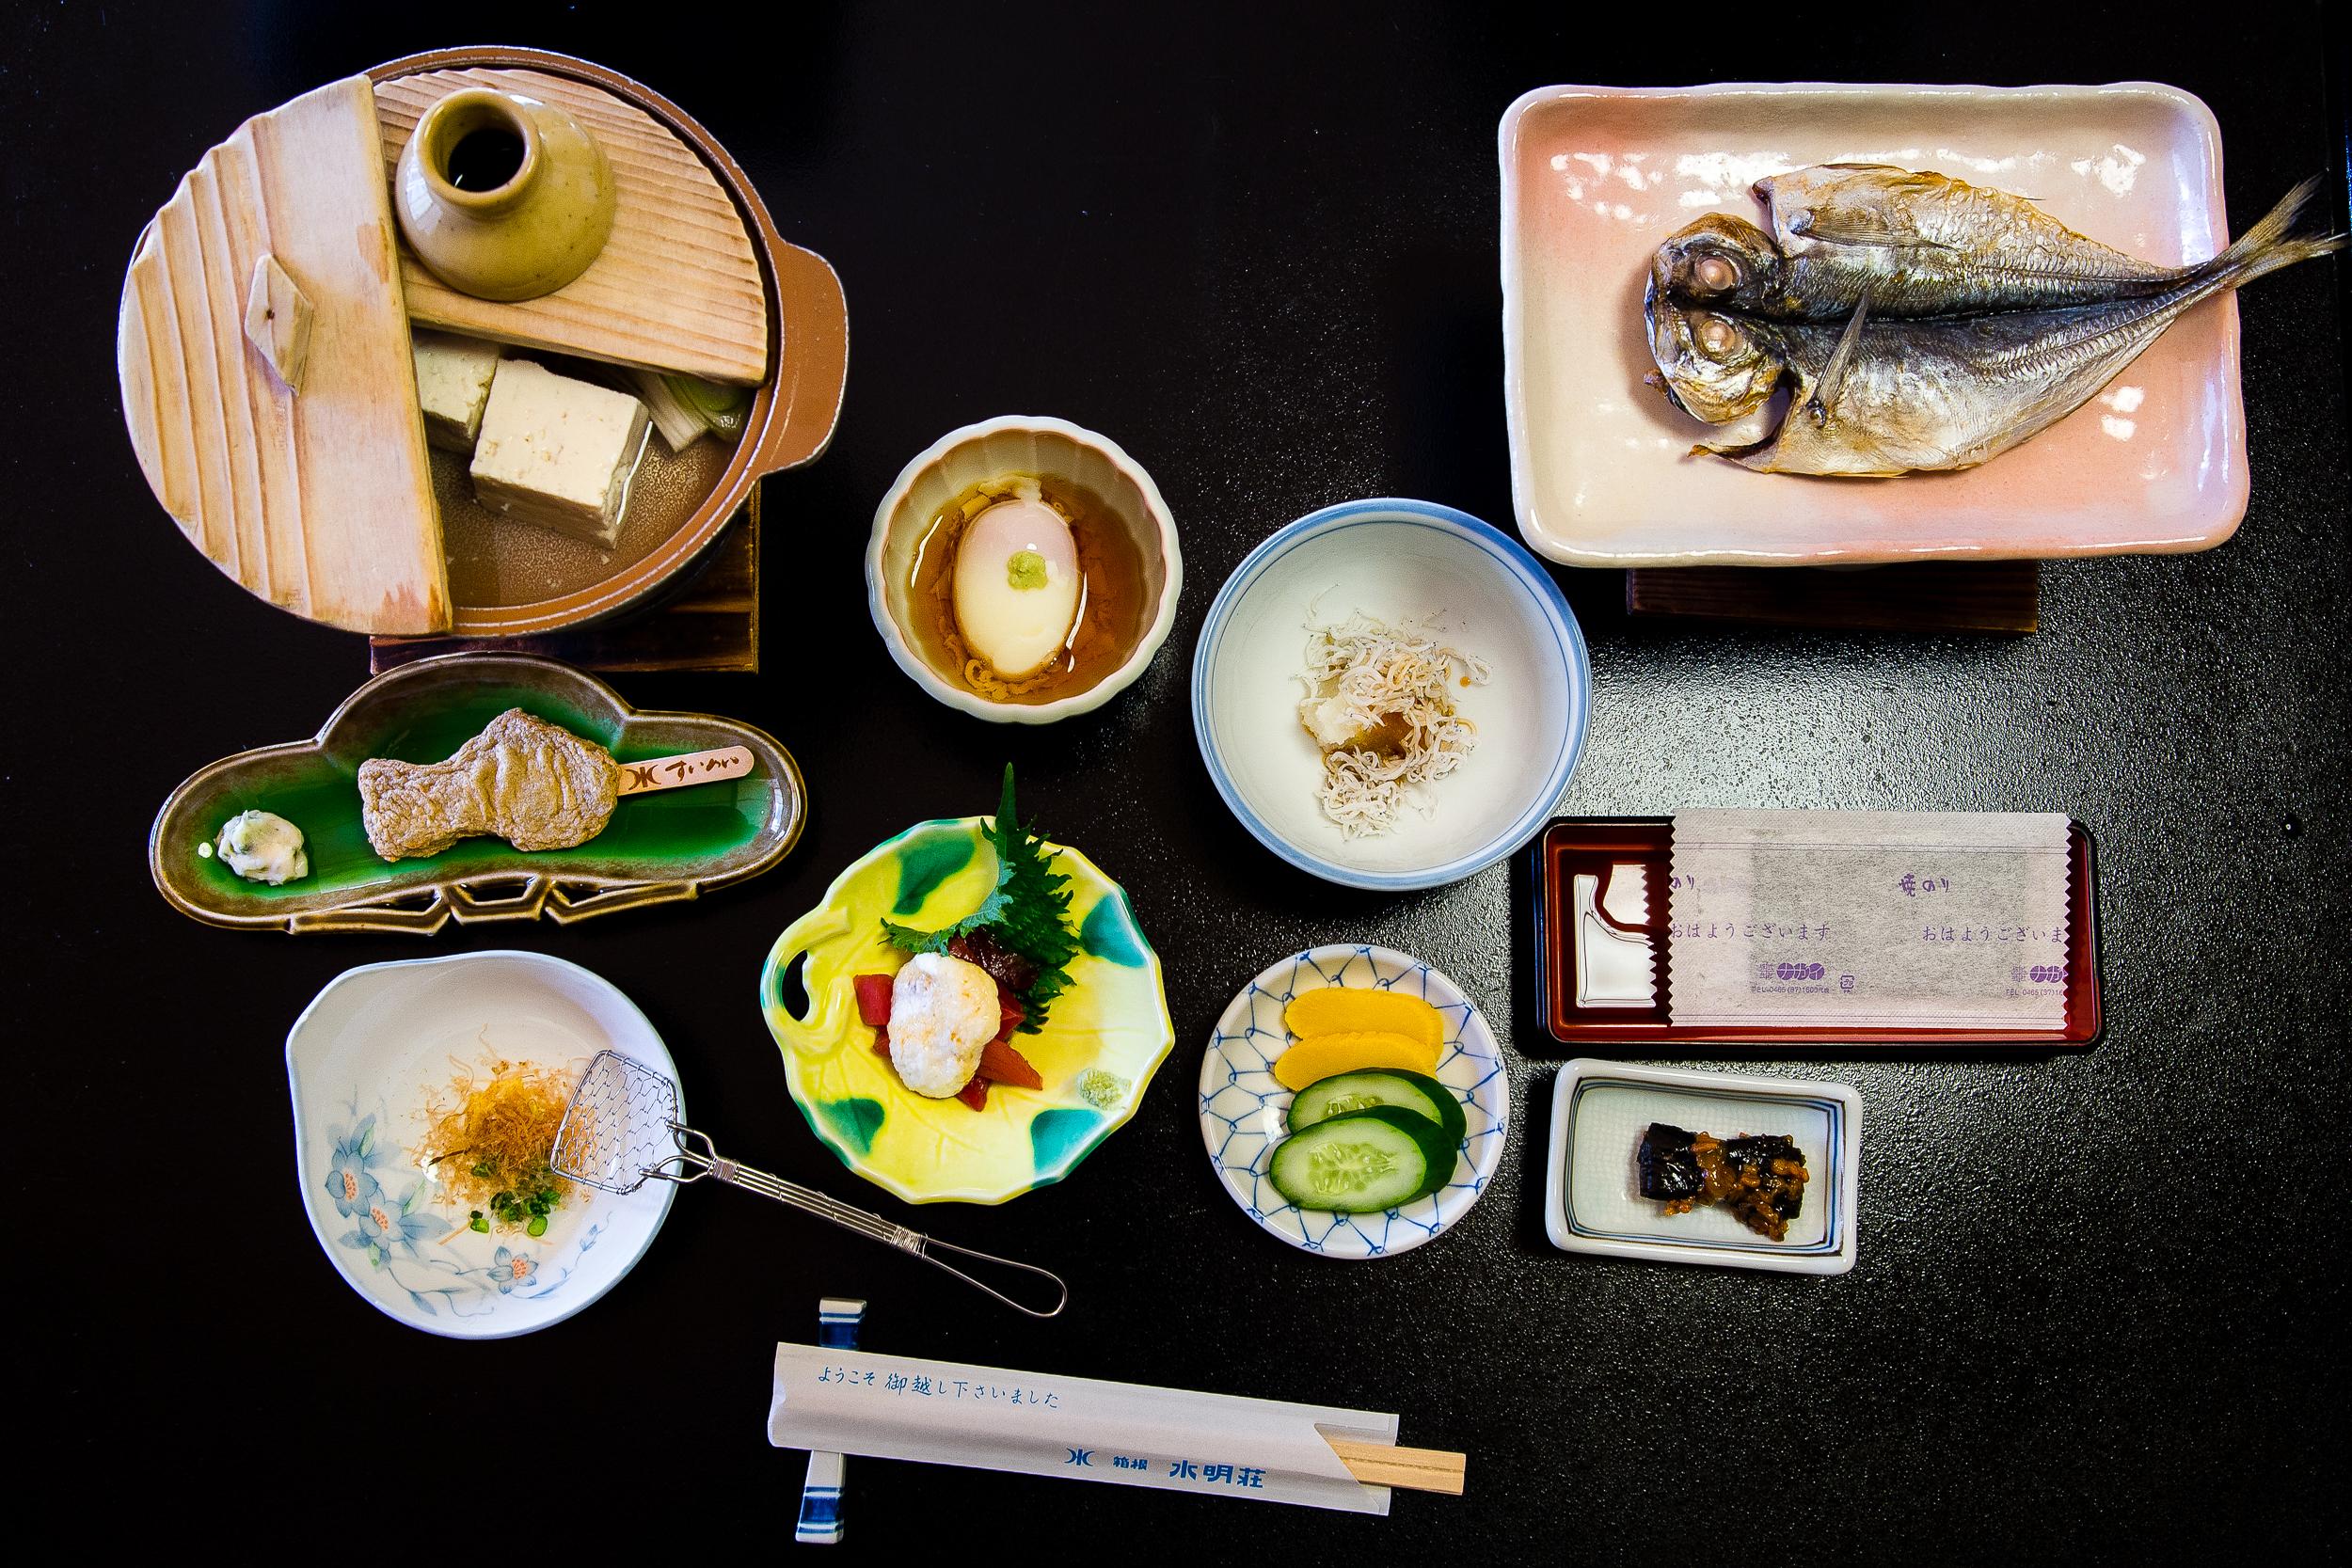 Breakfast: Tofu hot pot, fish cake, onsen egg, baby sardines, tsukemono